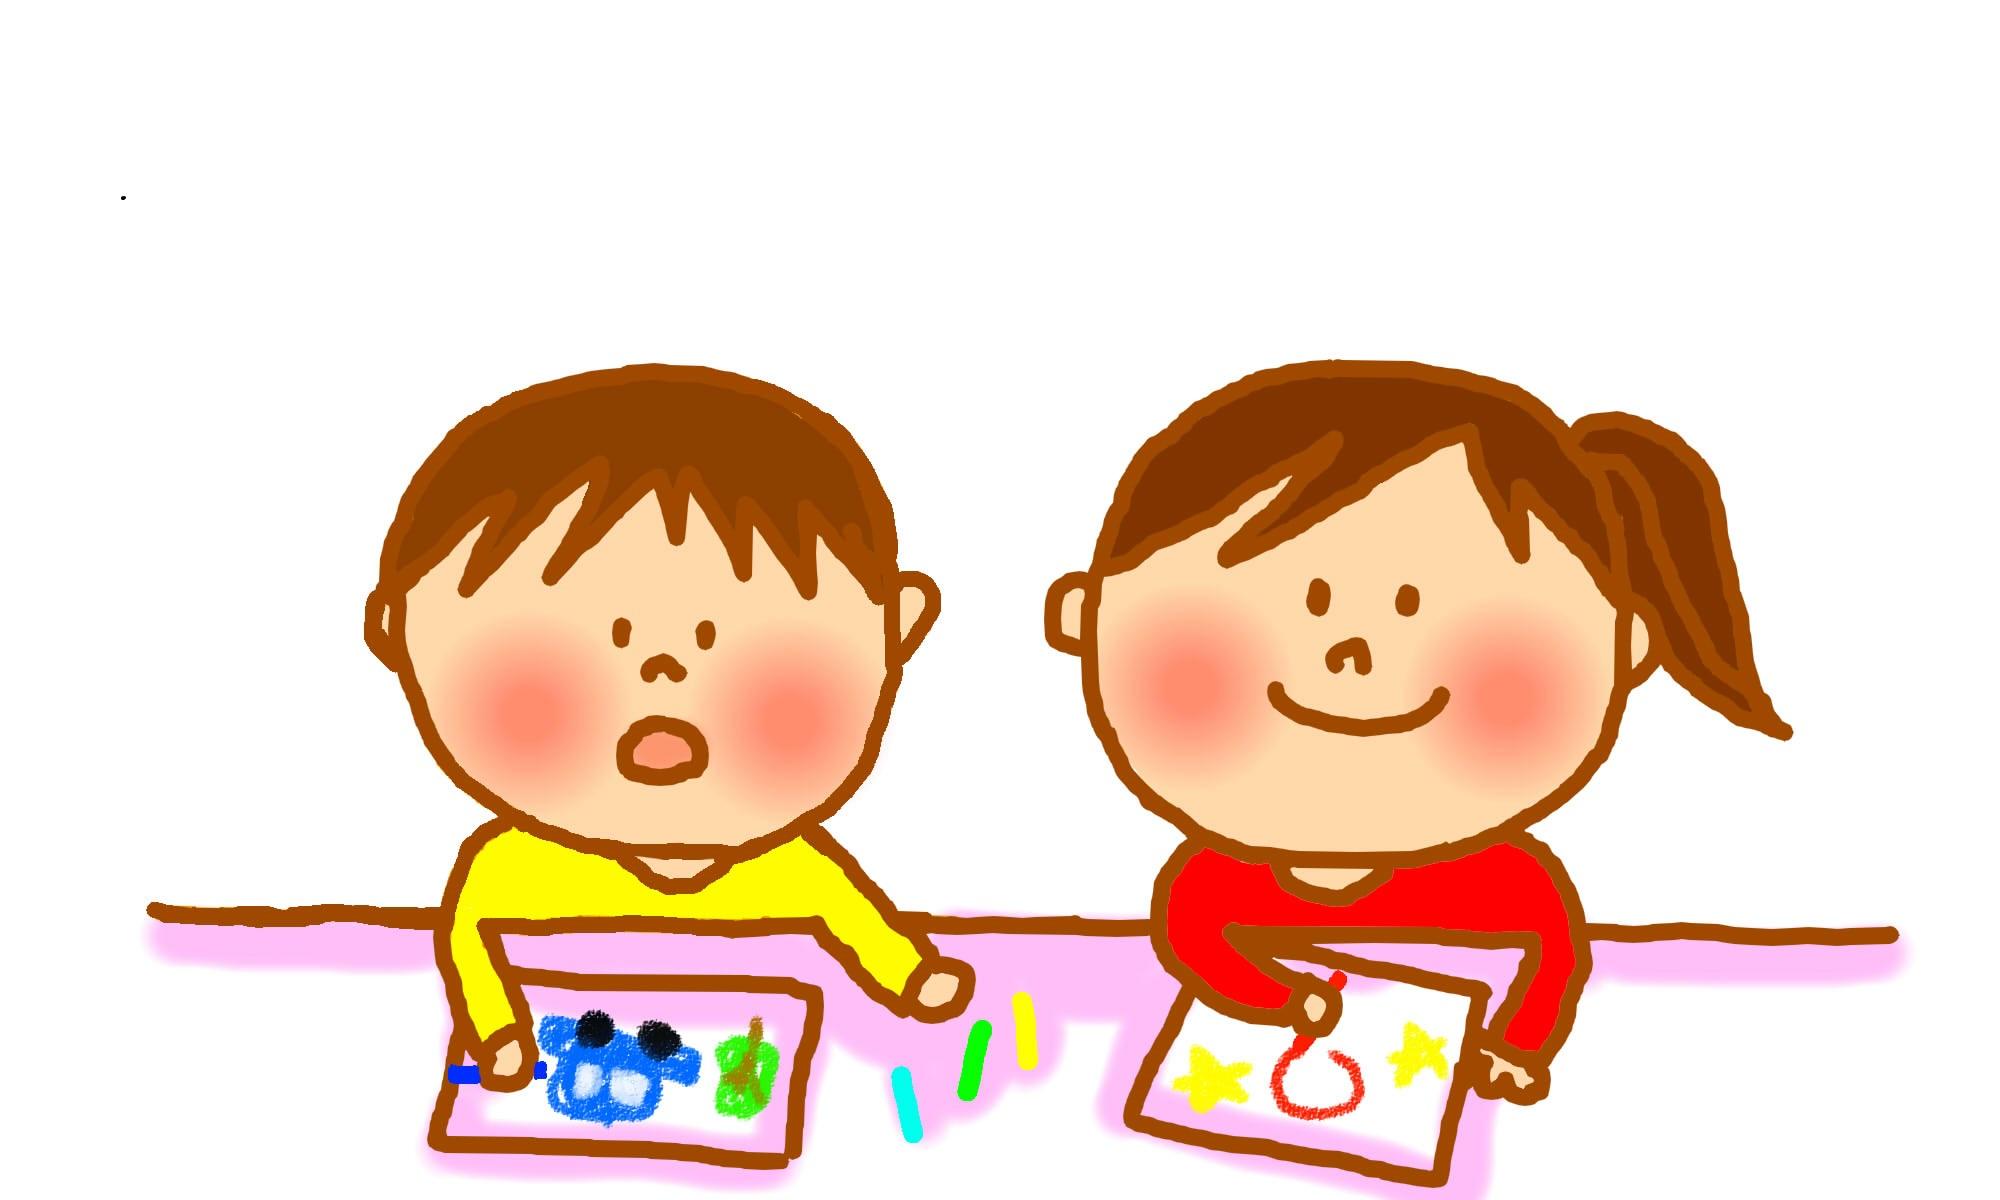 【敬老の日2015】子供でもできる無料メッセージカードの手作り方法は?